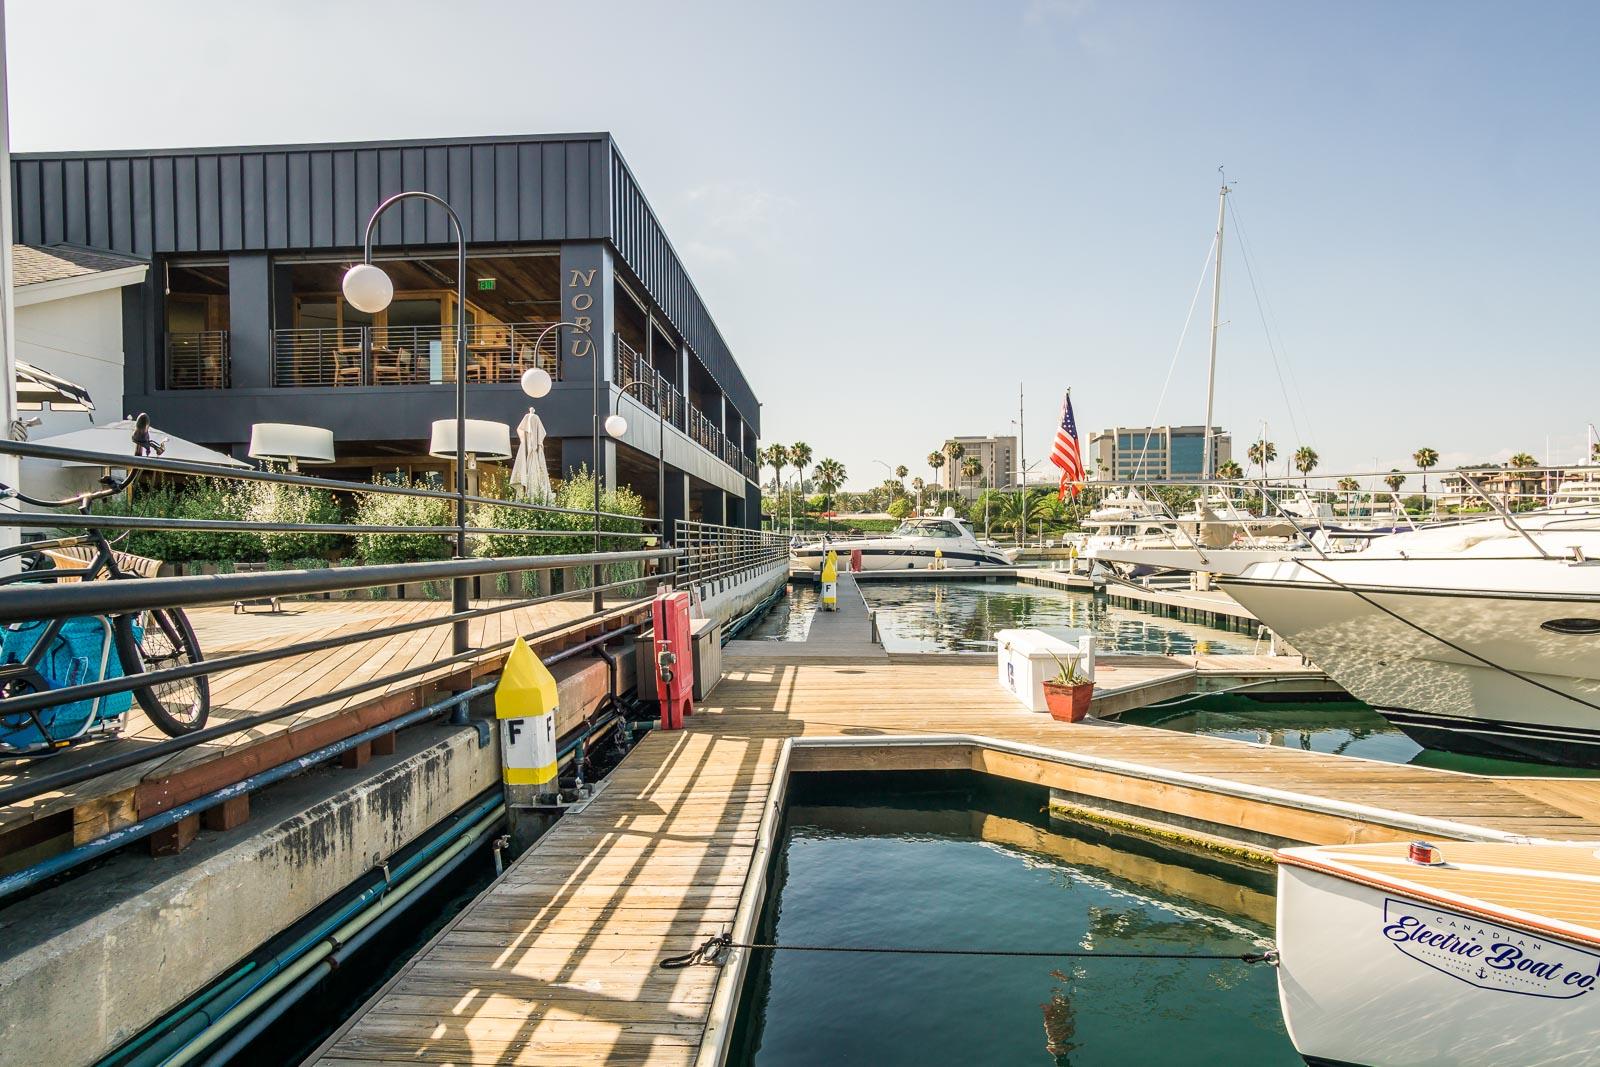 Lido Marina Harbor view from Nobu restaurant and Zinque restaurant